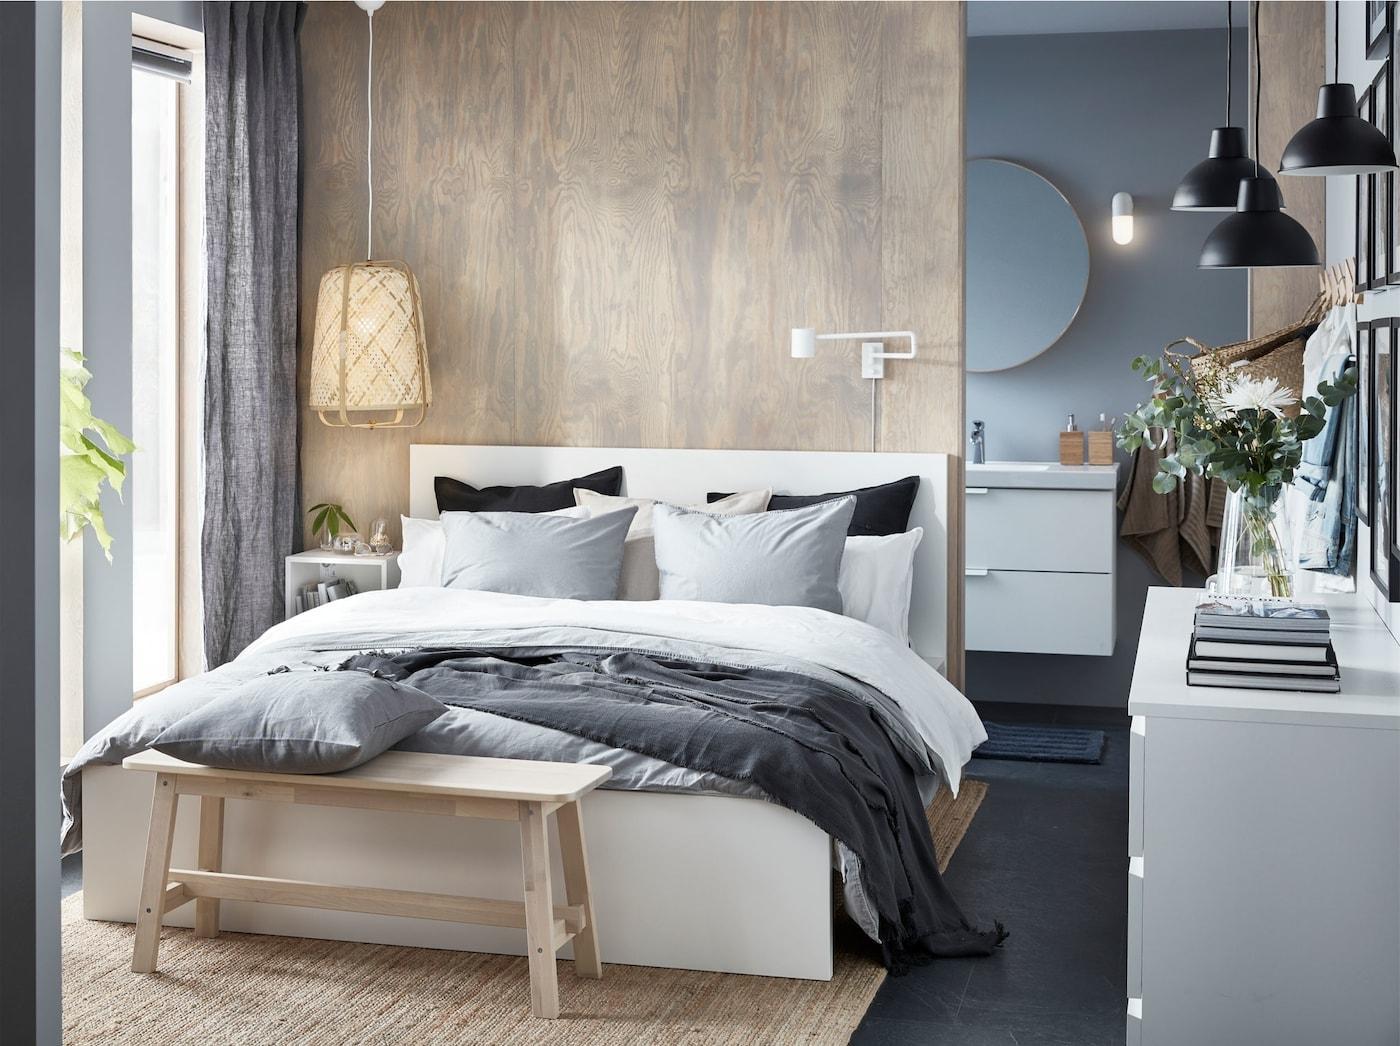 Ikea Stampe Da Muro https://www.ikea/it/it/rooms/kitchen/gallery/adatta-tuo